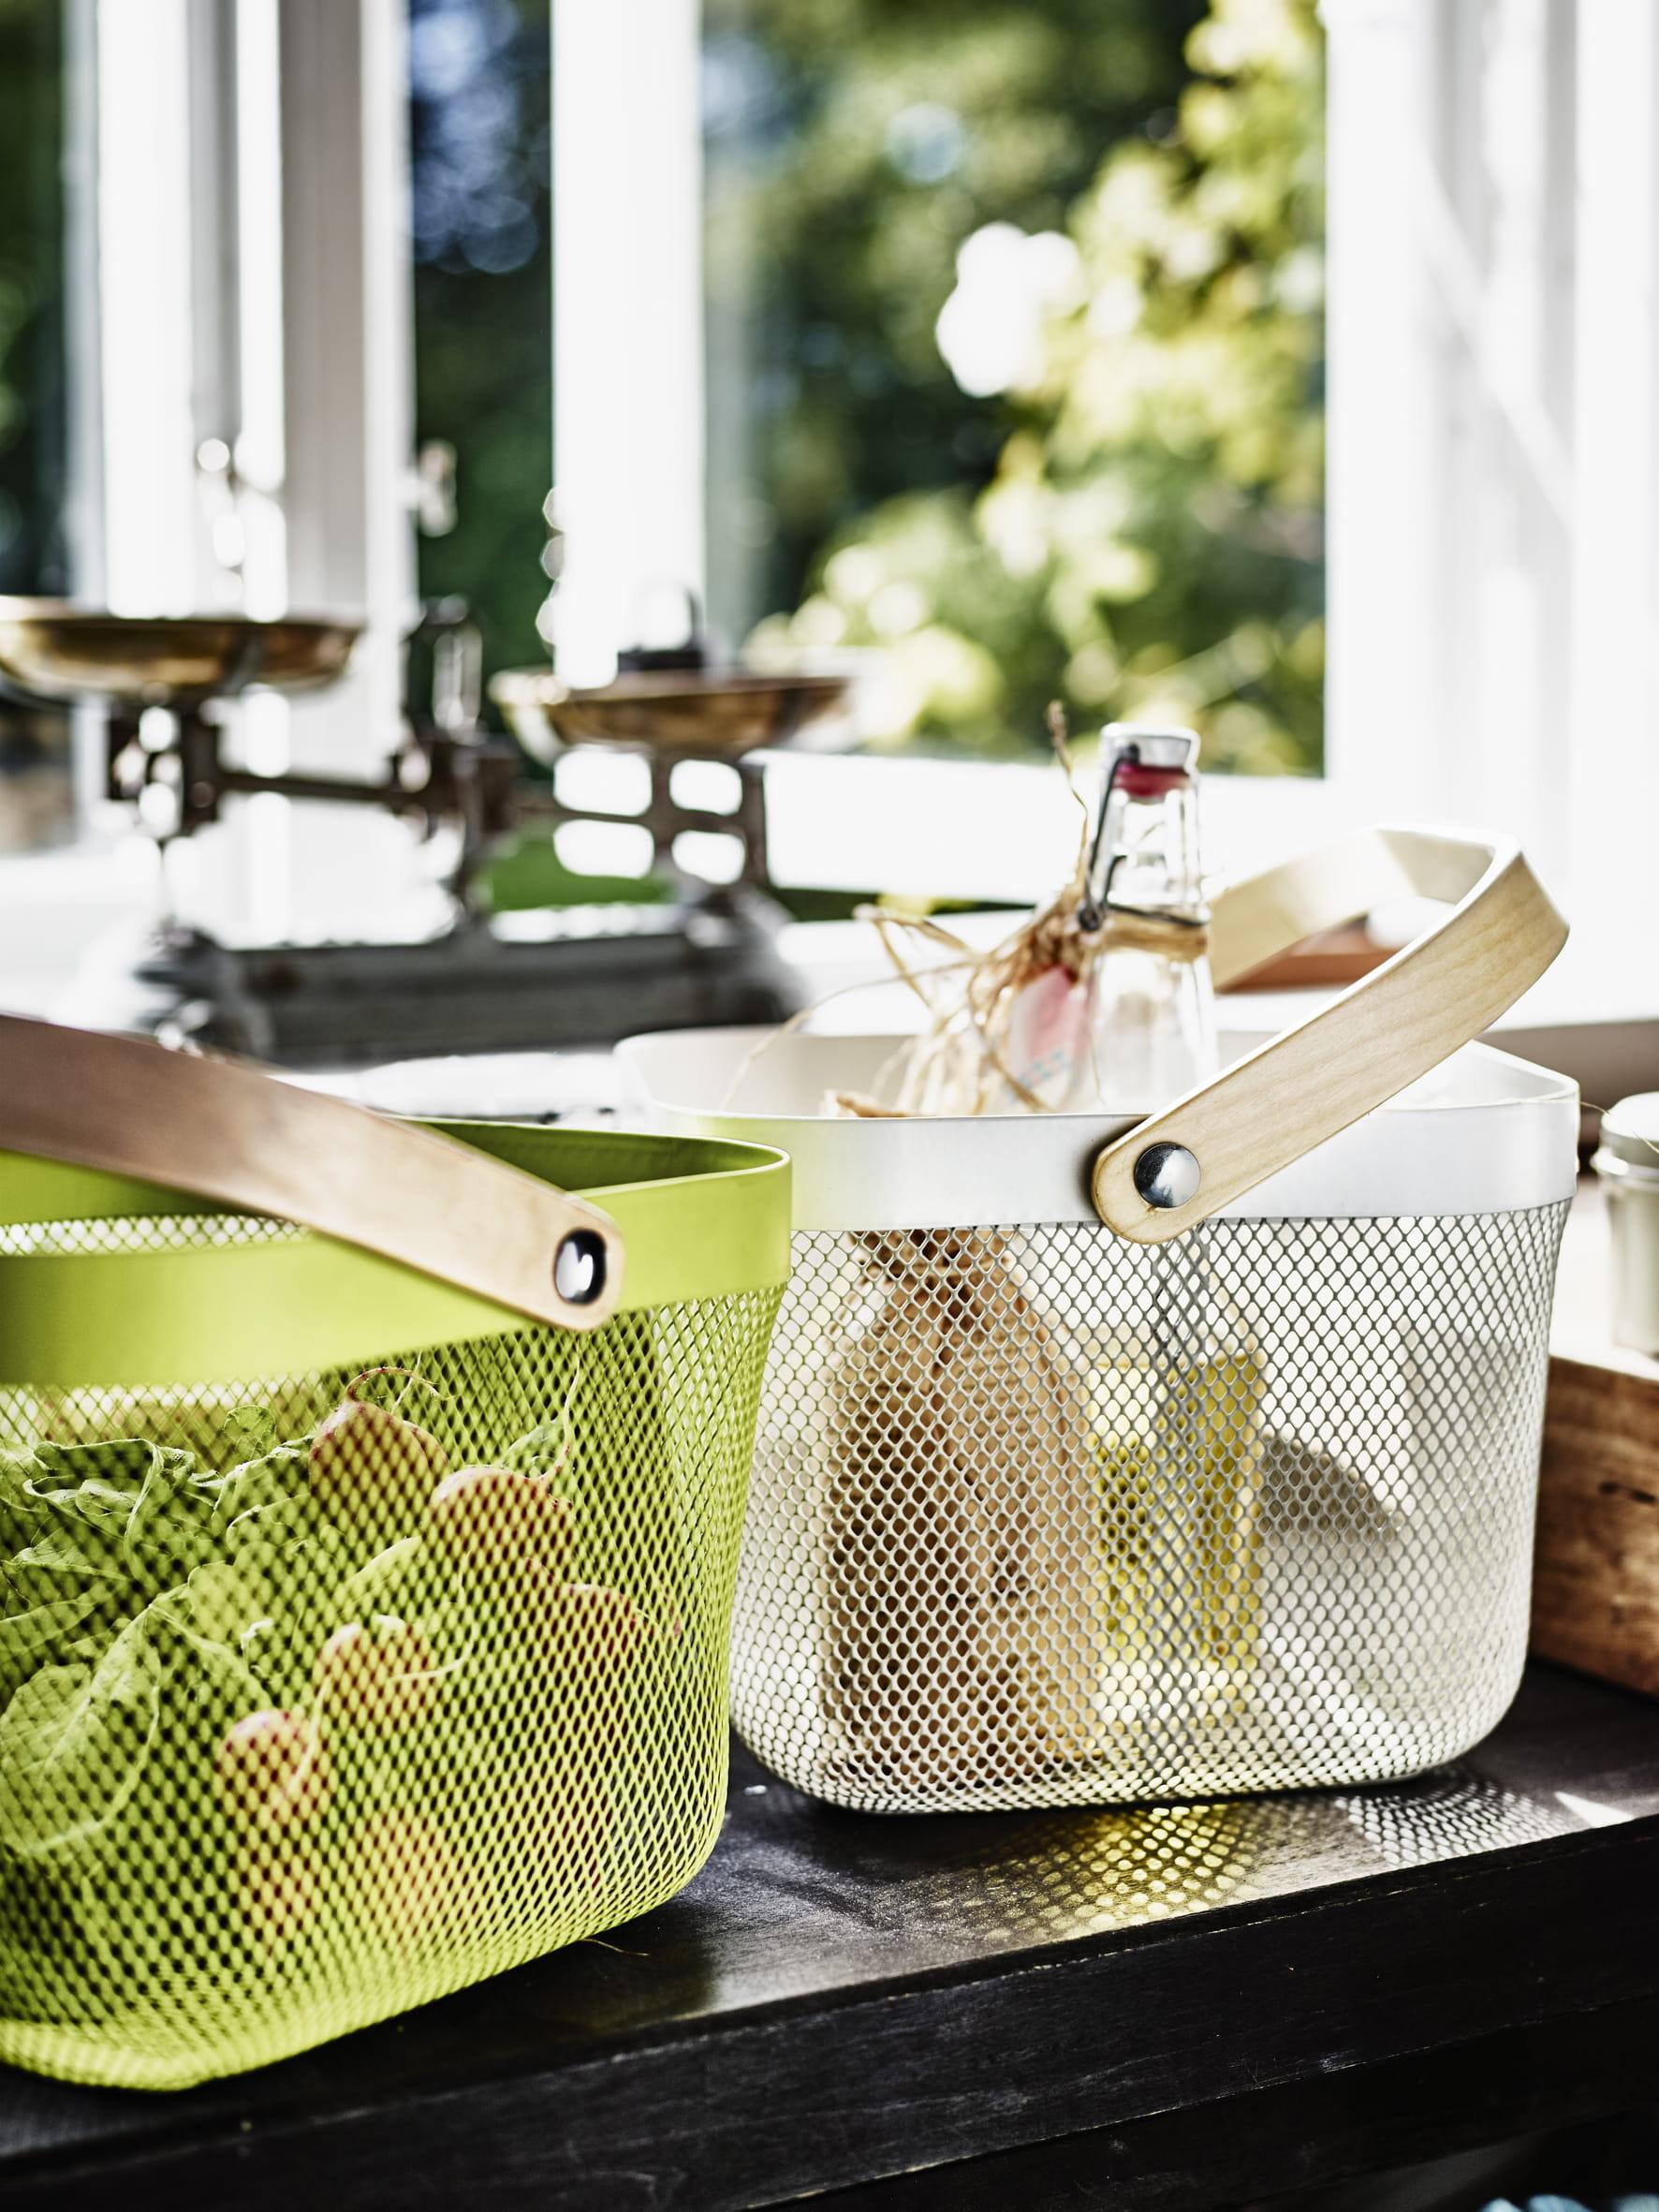 Paniers risatorp d 39 ikea pique nique les indispensables for Ikea vaisselle de table